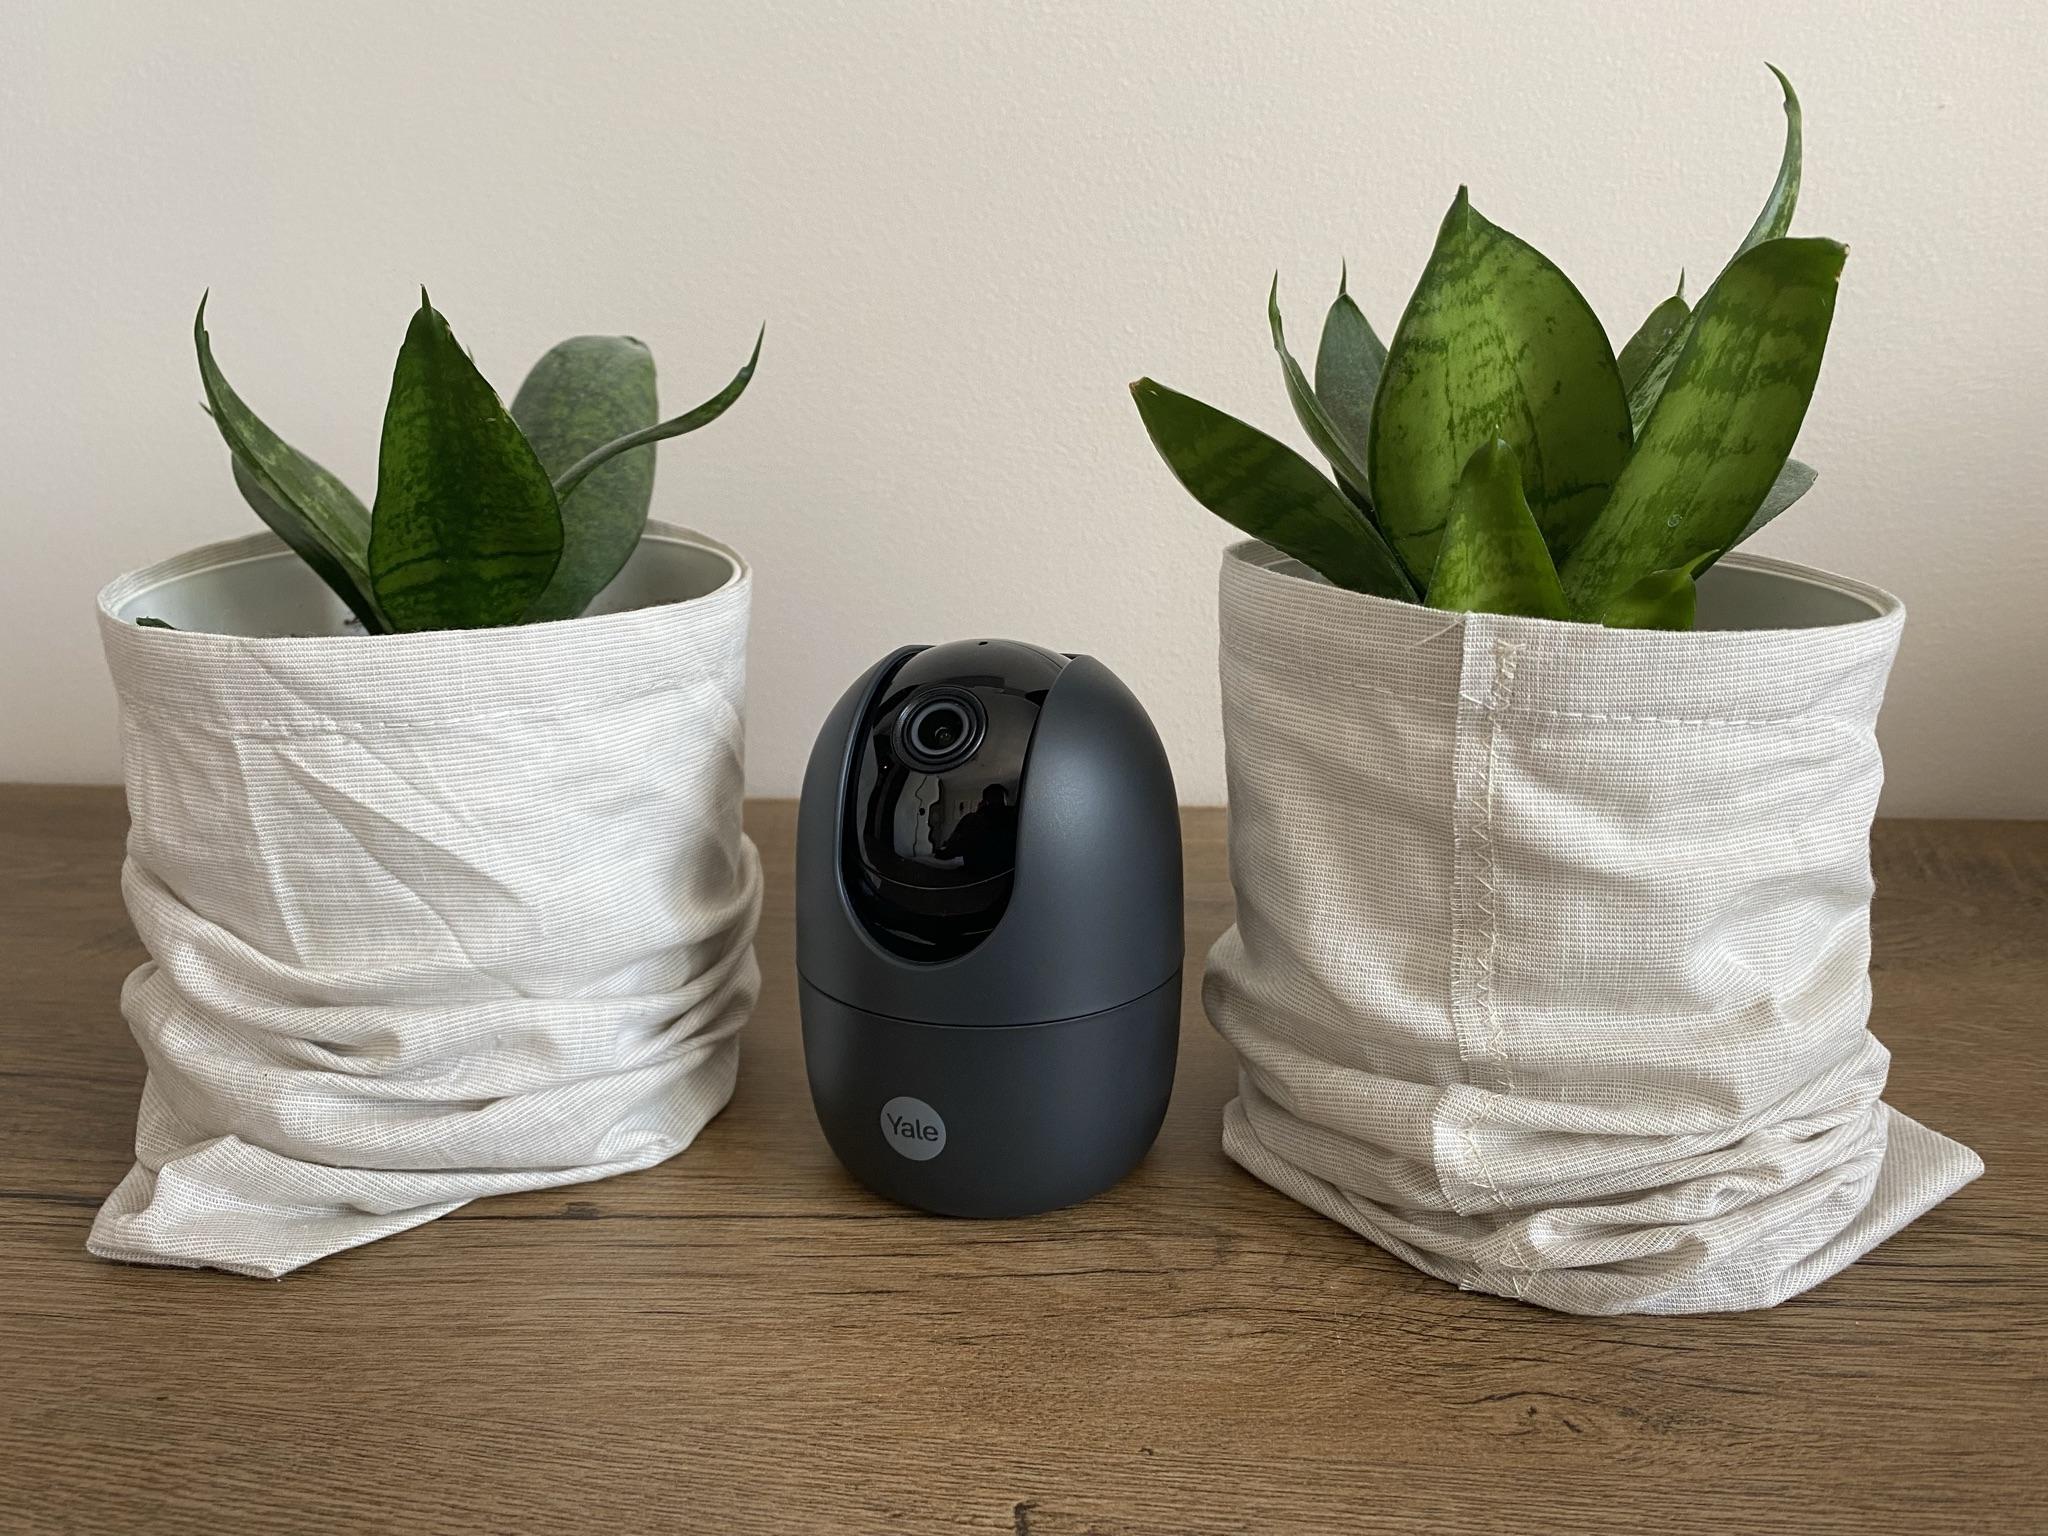 Yale Indoor WiFi Camera Pan & Tilt - wszystkomająca kamera do monitoringu domu (recenzja)